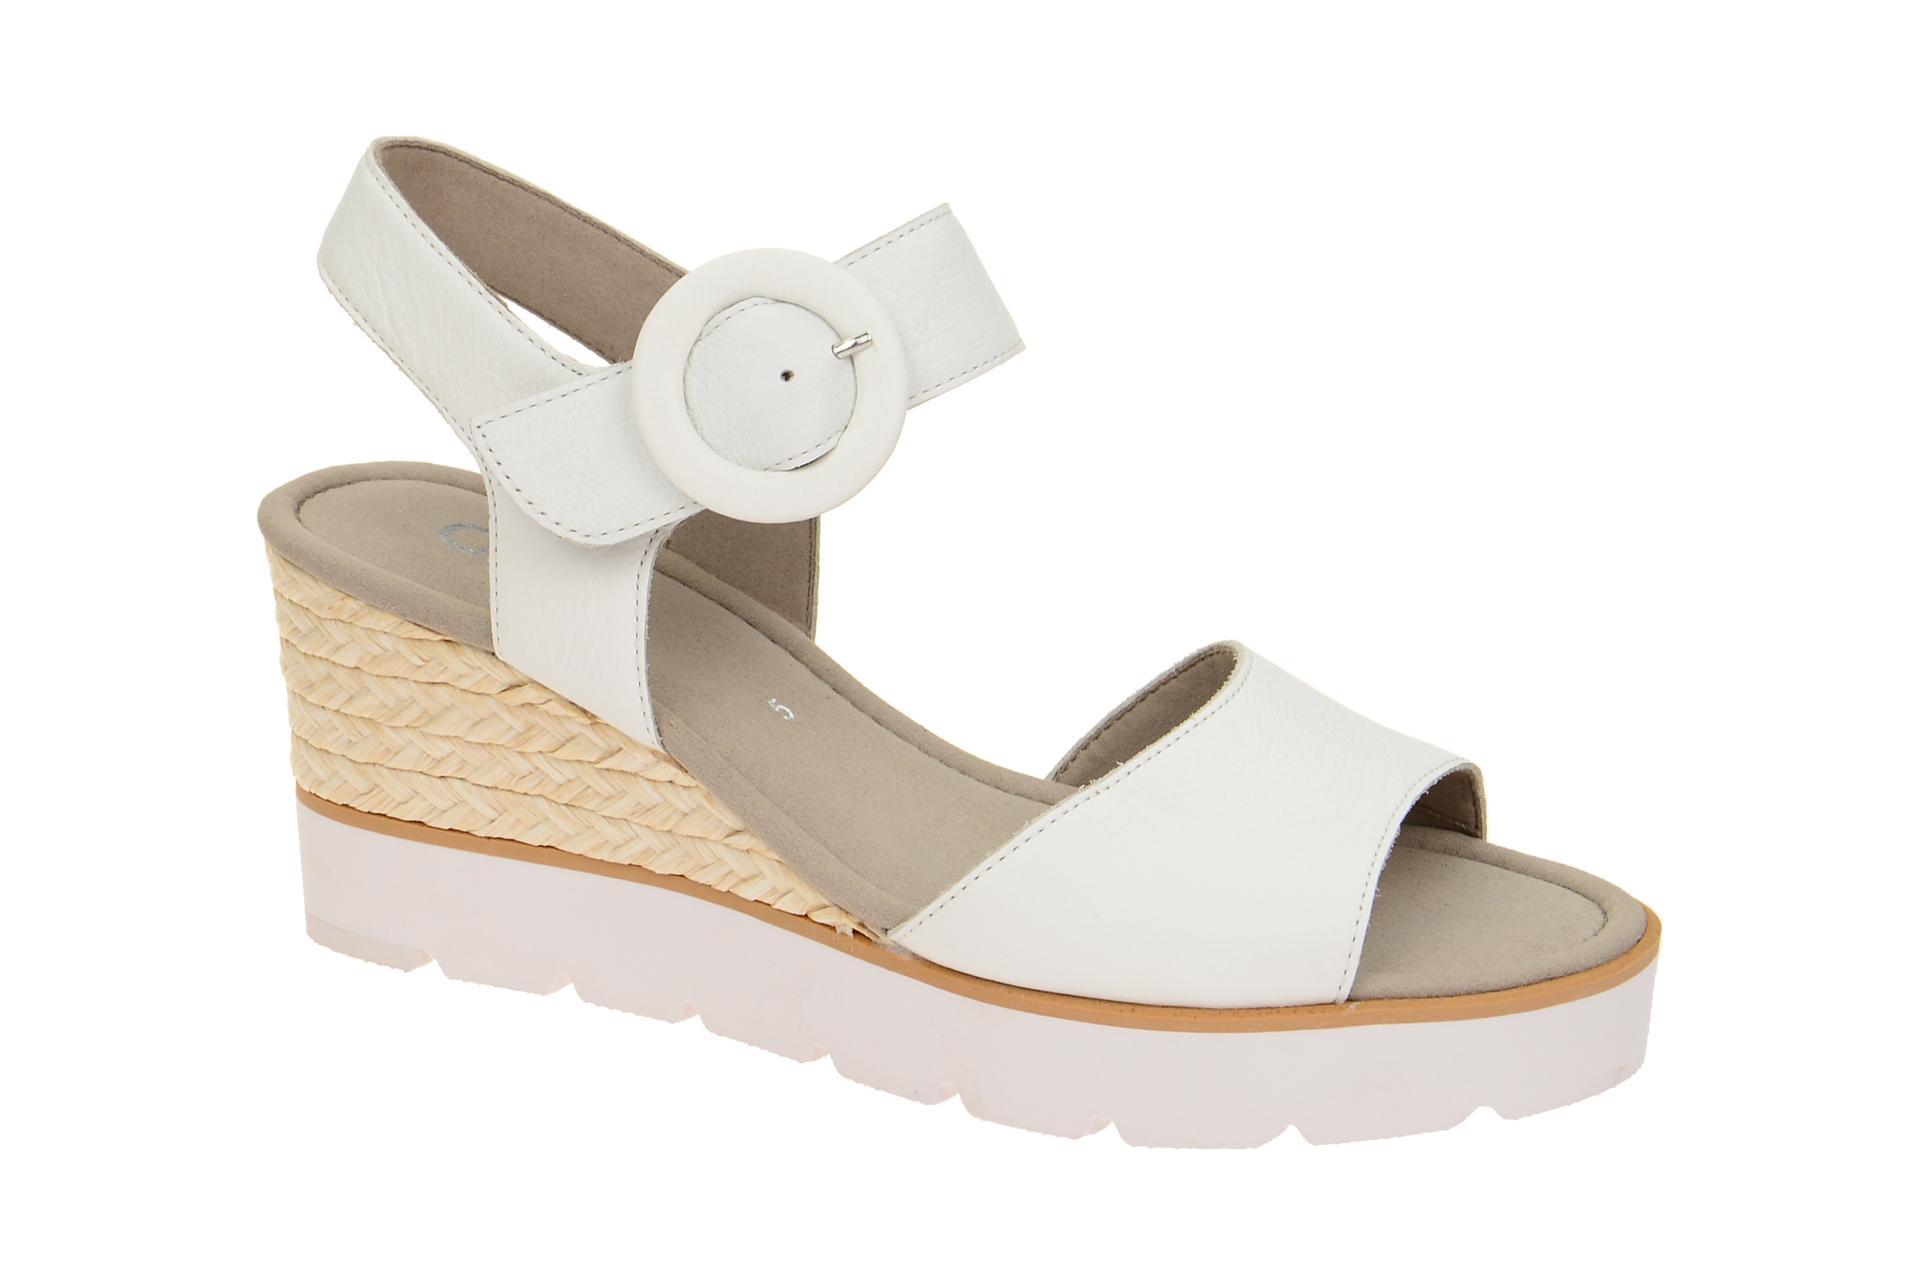 Gabor 85.764 Sandalette für Damen in weiß - 85.764.21 Rabatt Großer Rabatt Steckdose Authentisch 5rxT4NrkE